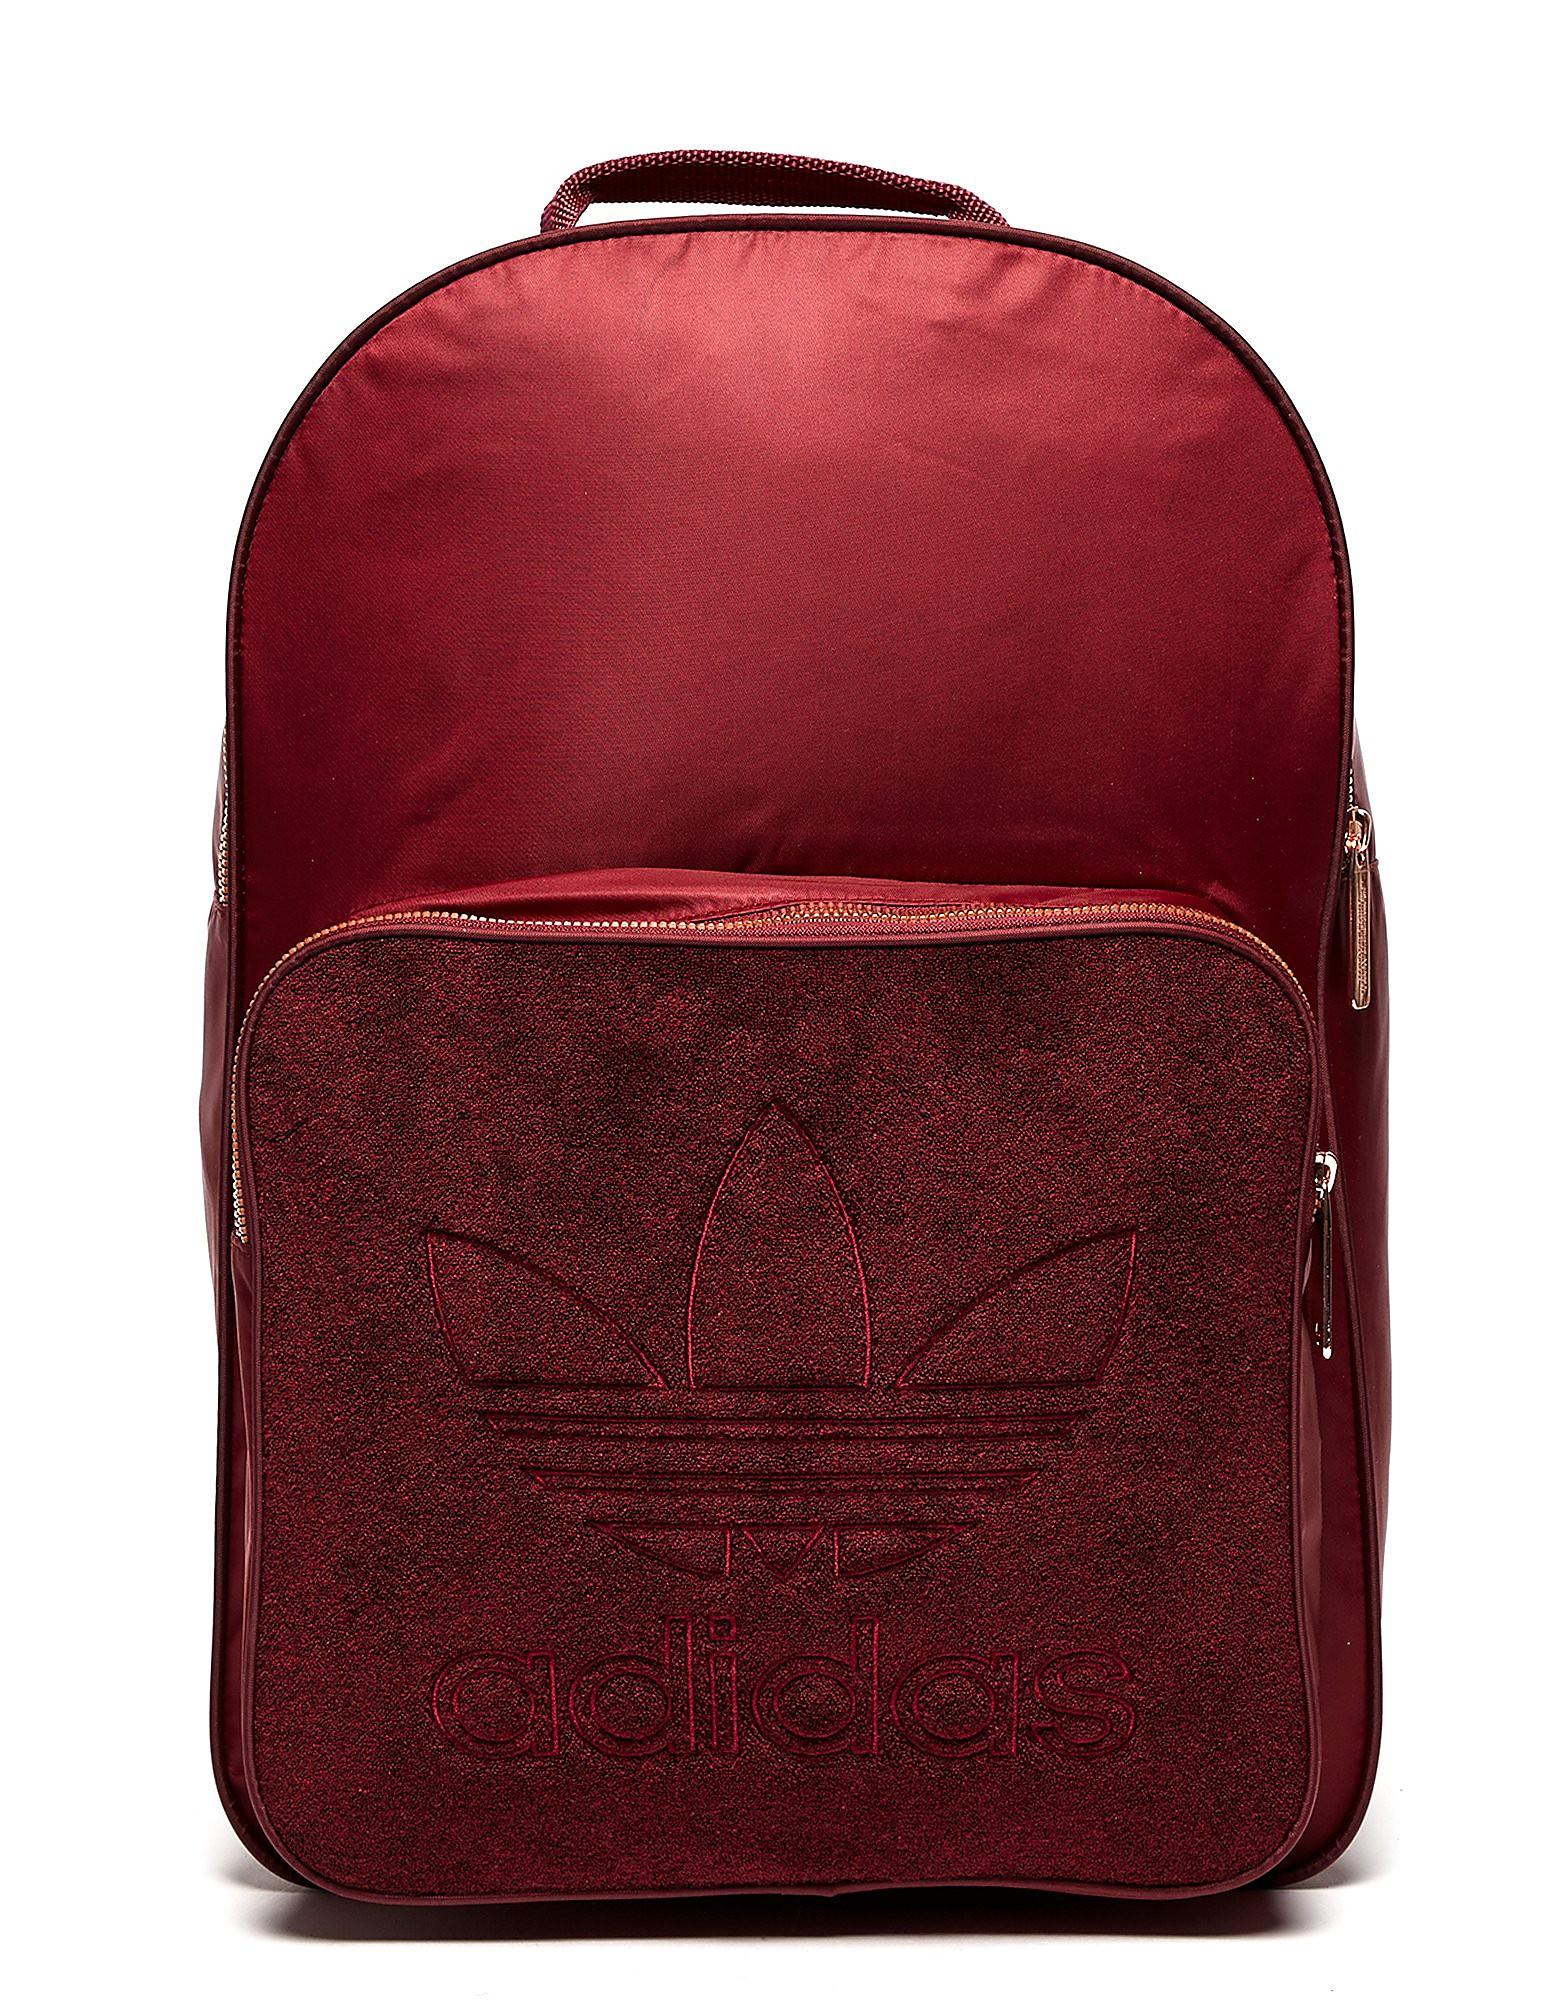 adidas Originals Classic Velour Rucksack